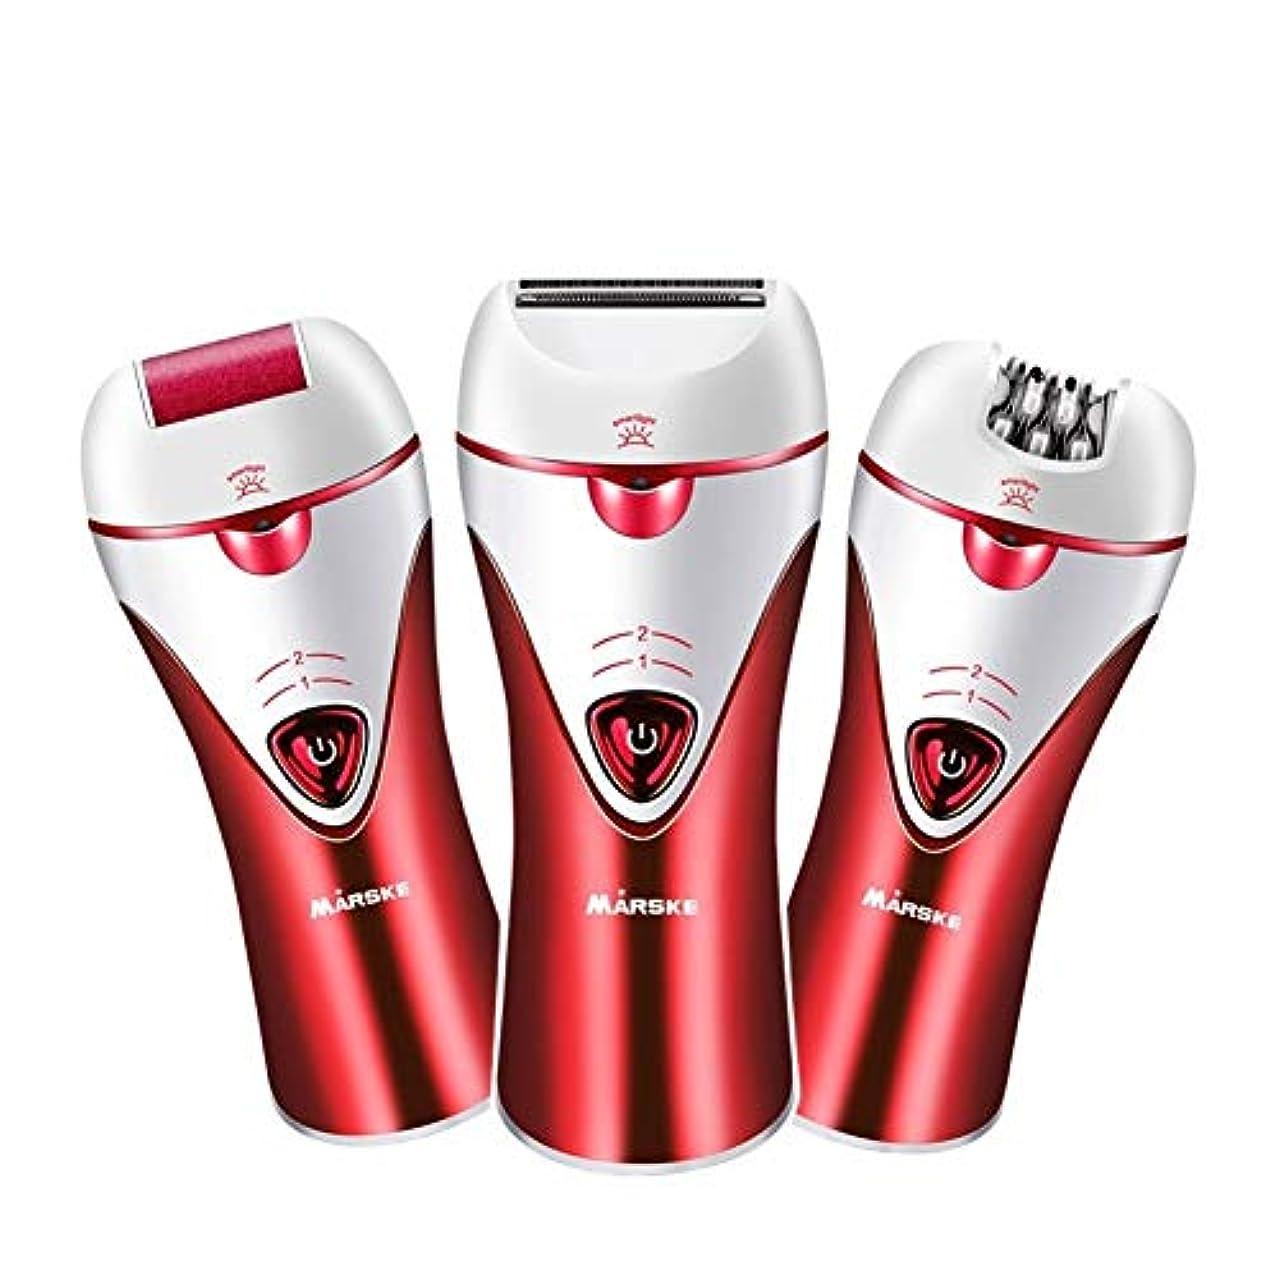 配分ちっちゃい競うTrliy- 充電式電動脱毛器、女性のための痛みのない快適さスキンケア脱毛ツール浴室ウェットとドライ脱毛器 (Color : Red)